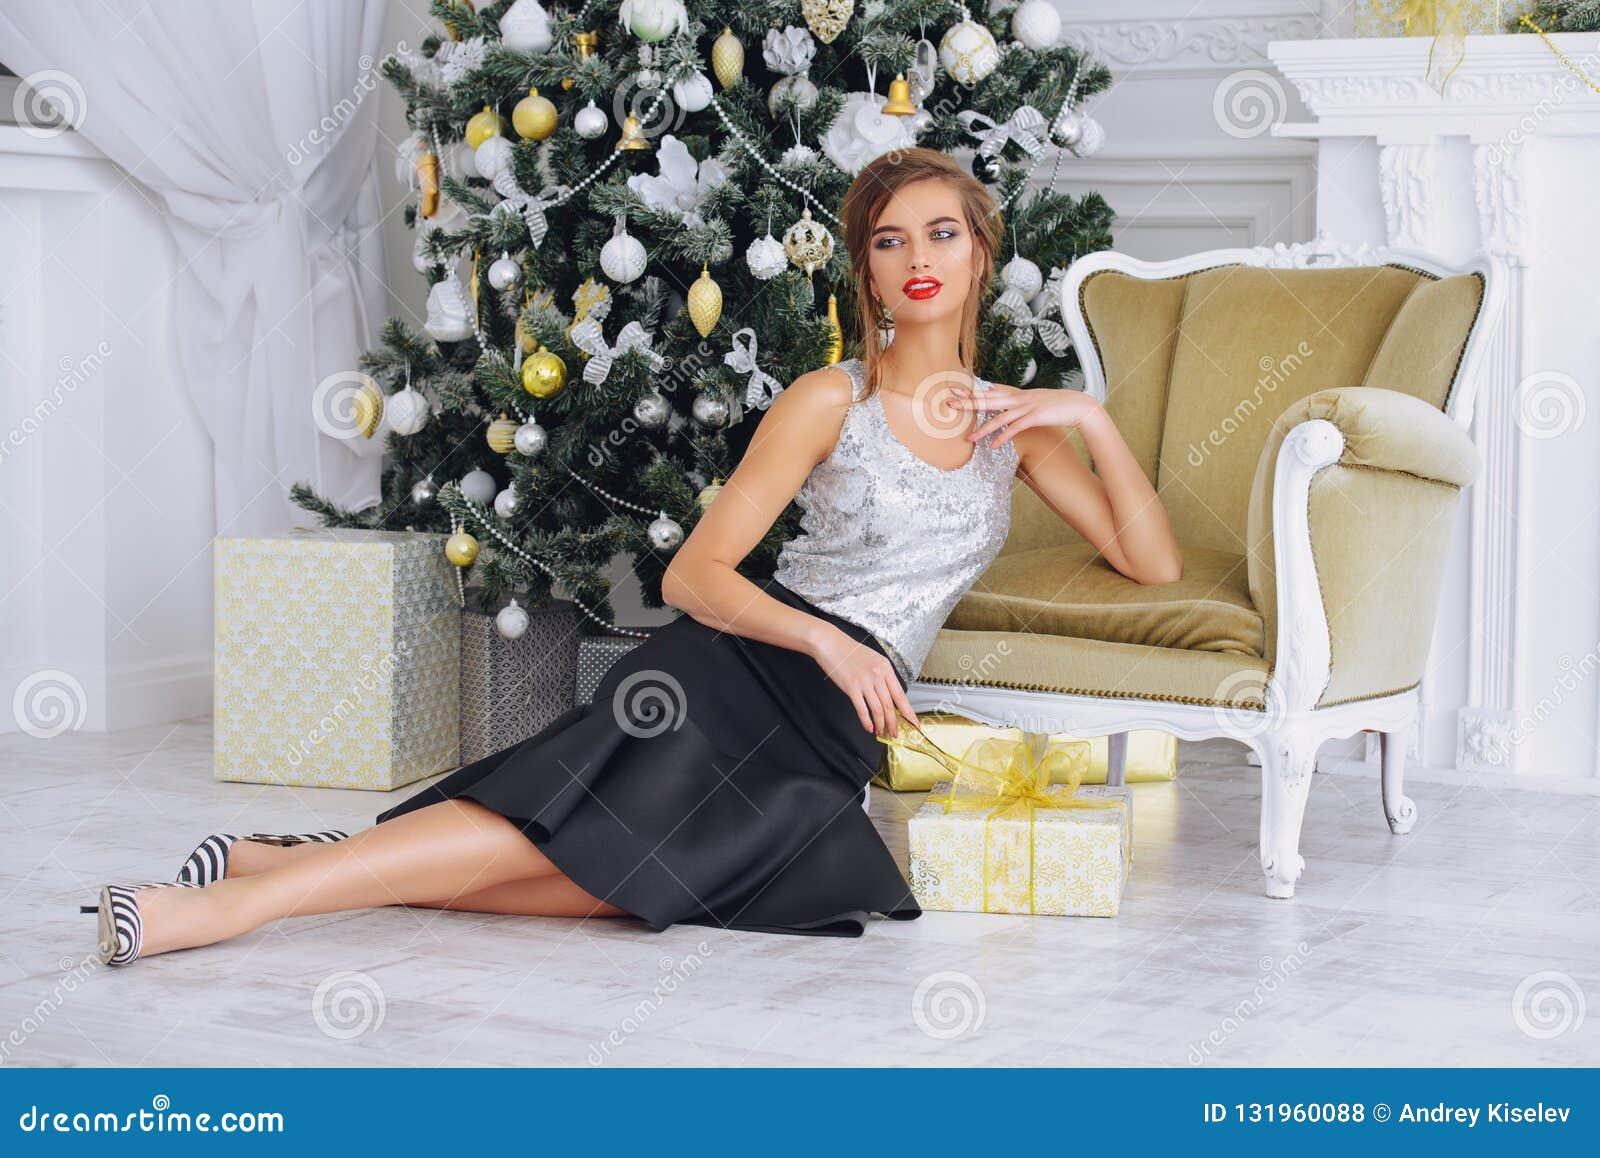 Attraktive Frau im Innenraum für Weihnachten